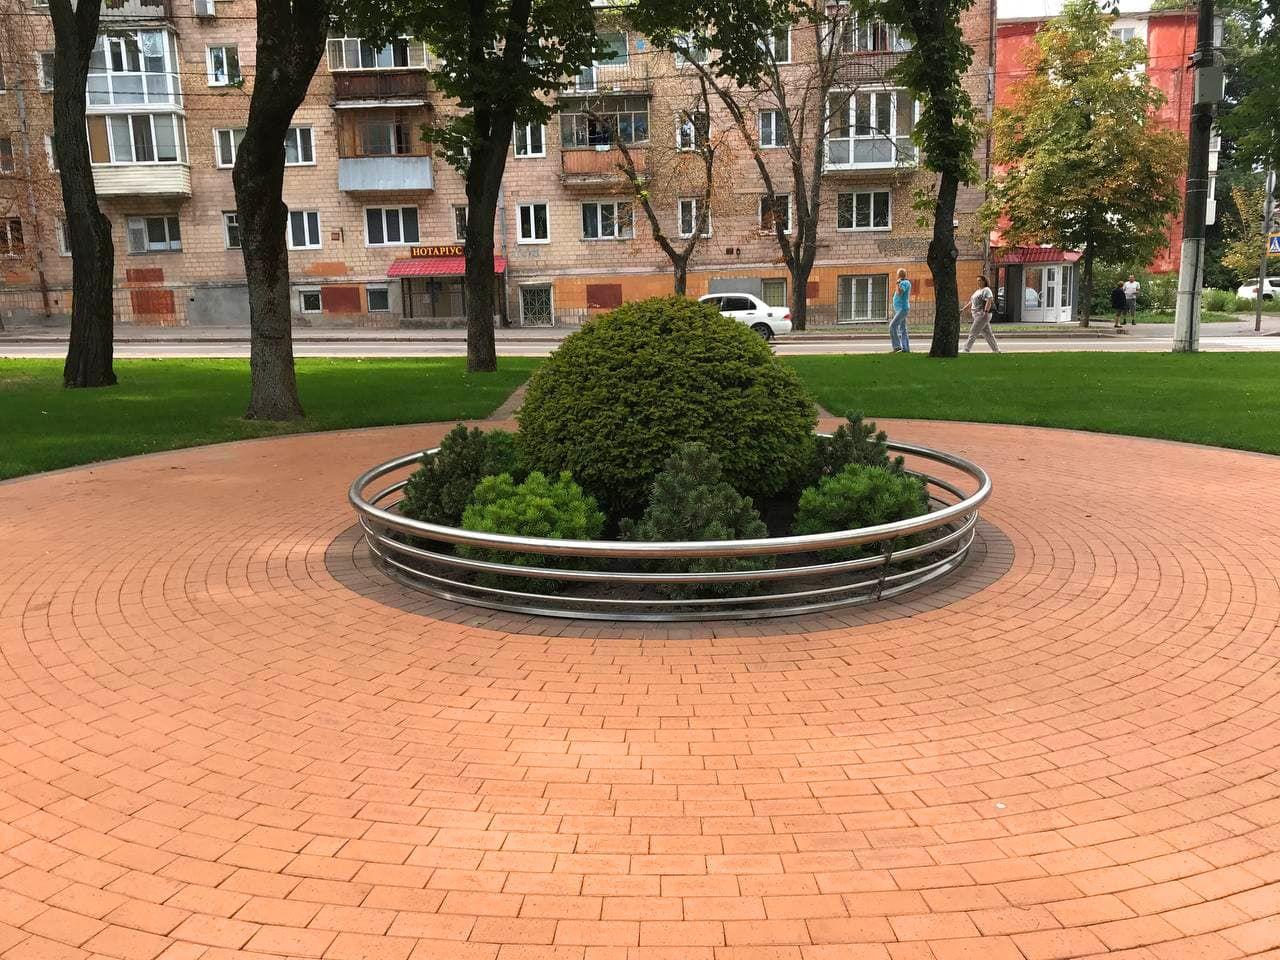 У Чернігові на оновленому Валу з'явилася вічнозелена клумба